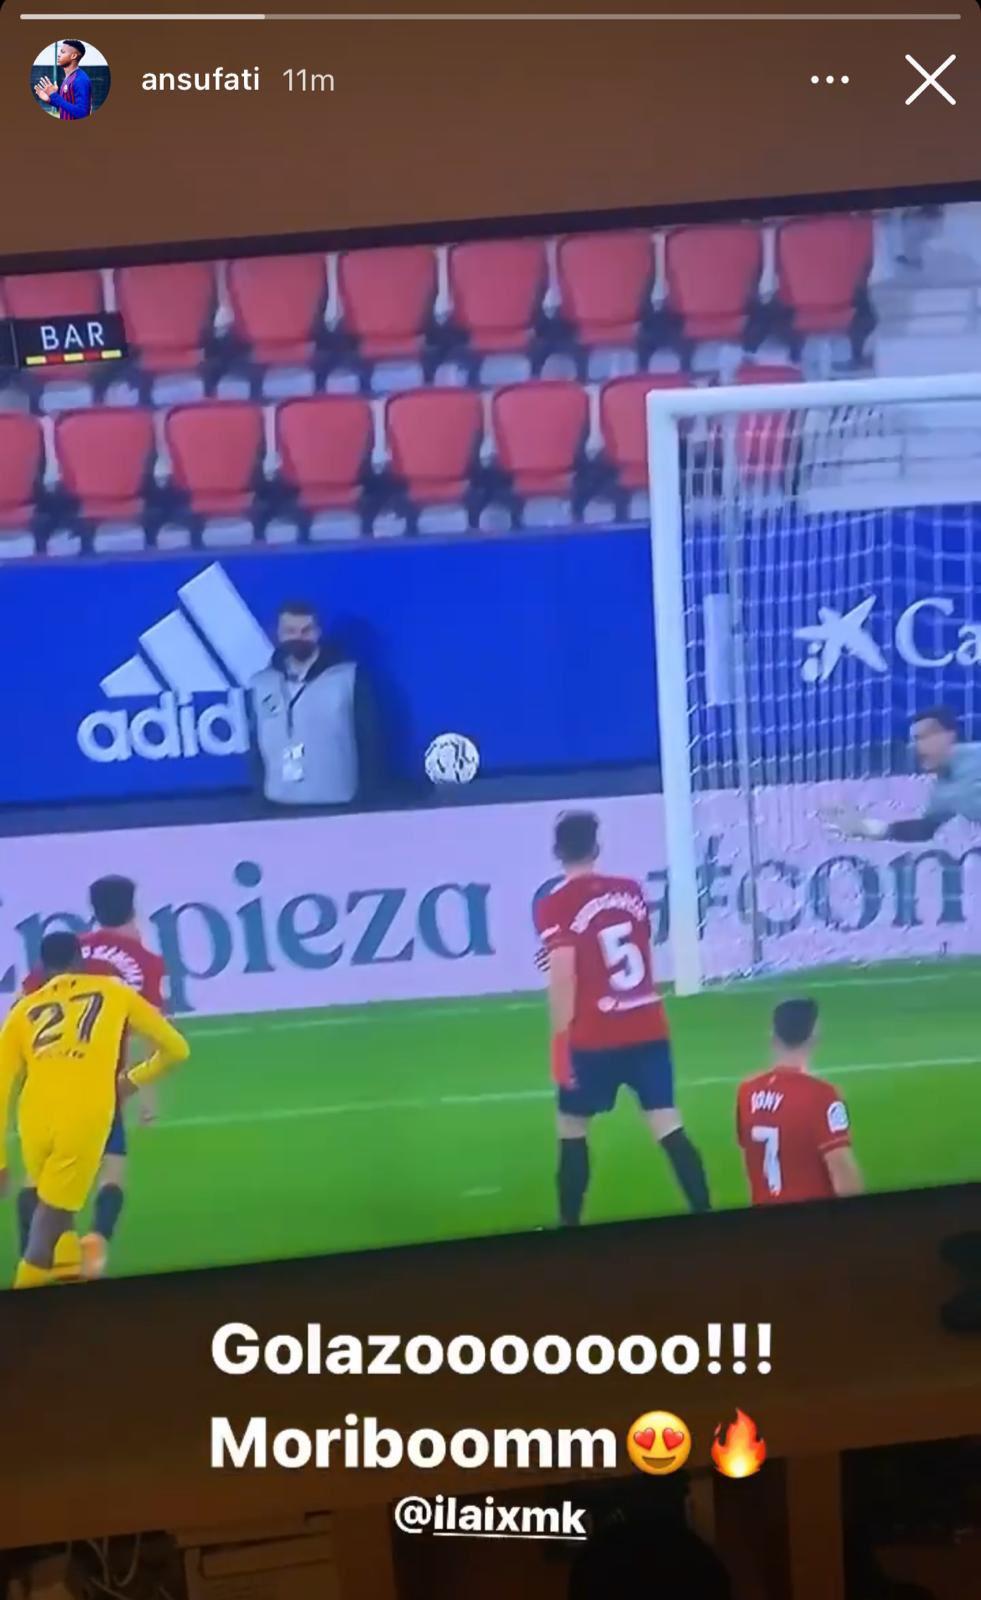 Илайш Мориба забил свой первый гол за «Барселону» на том же стадионе, на котором в первый раз отличился и Ансу Фати